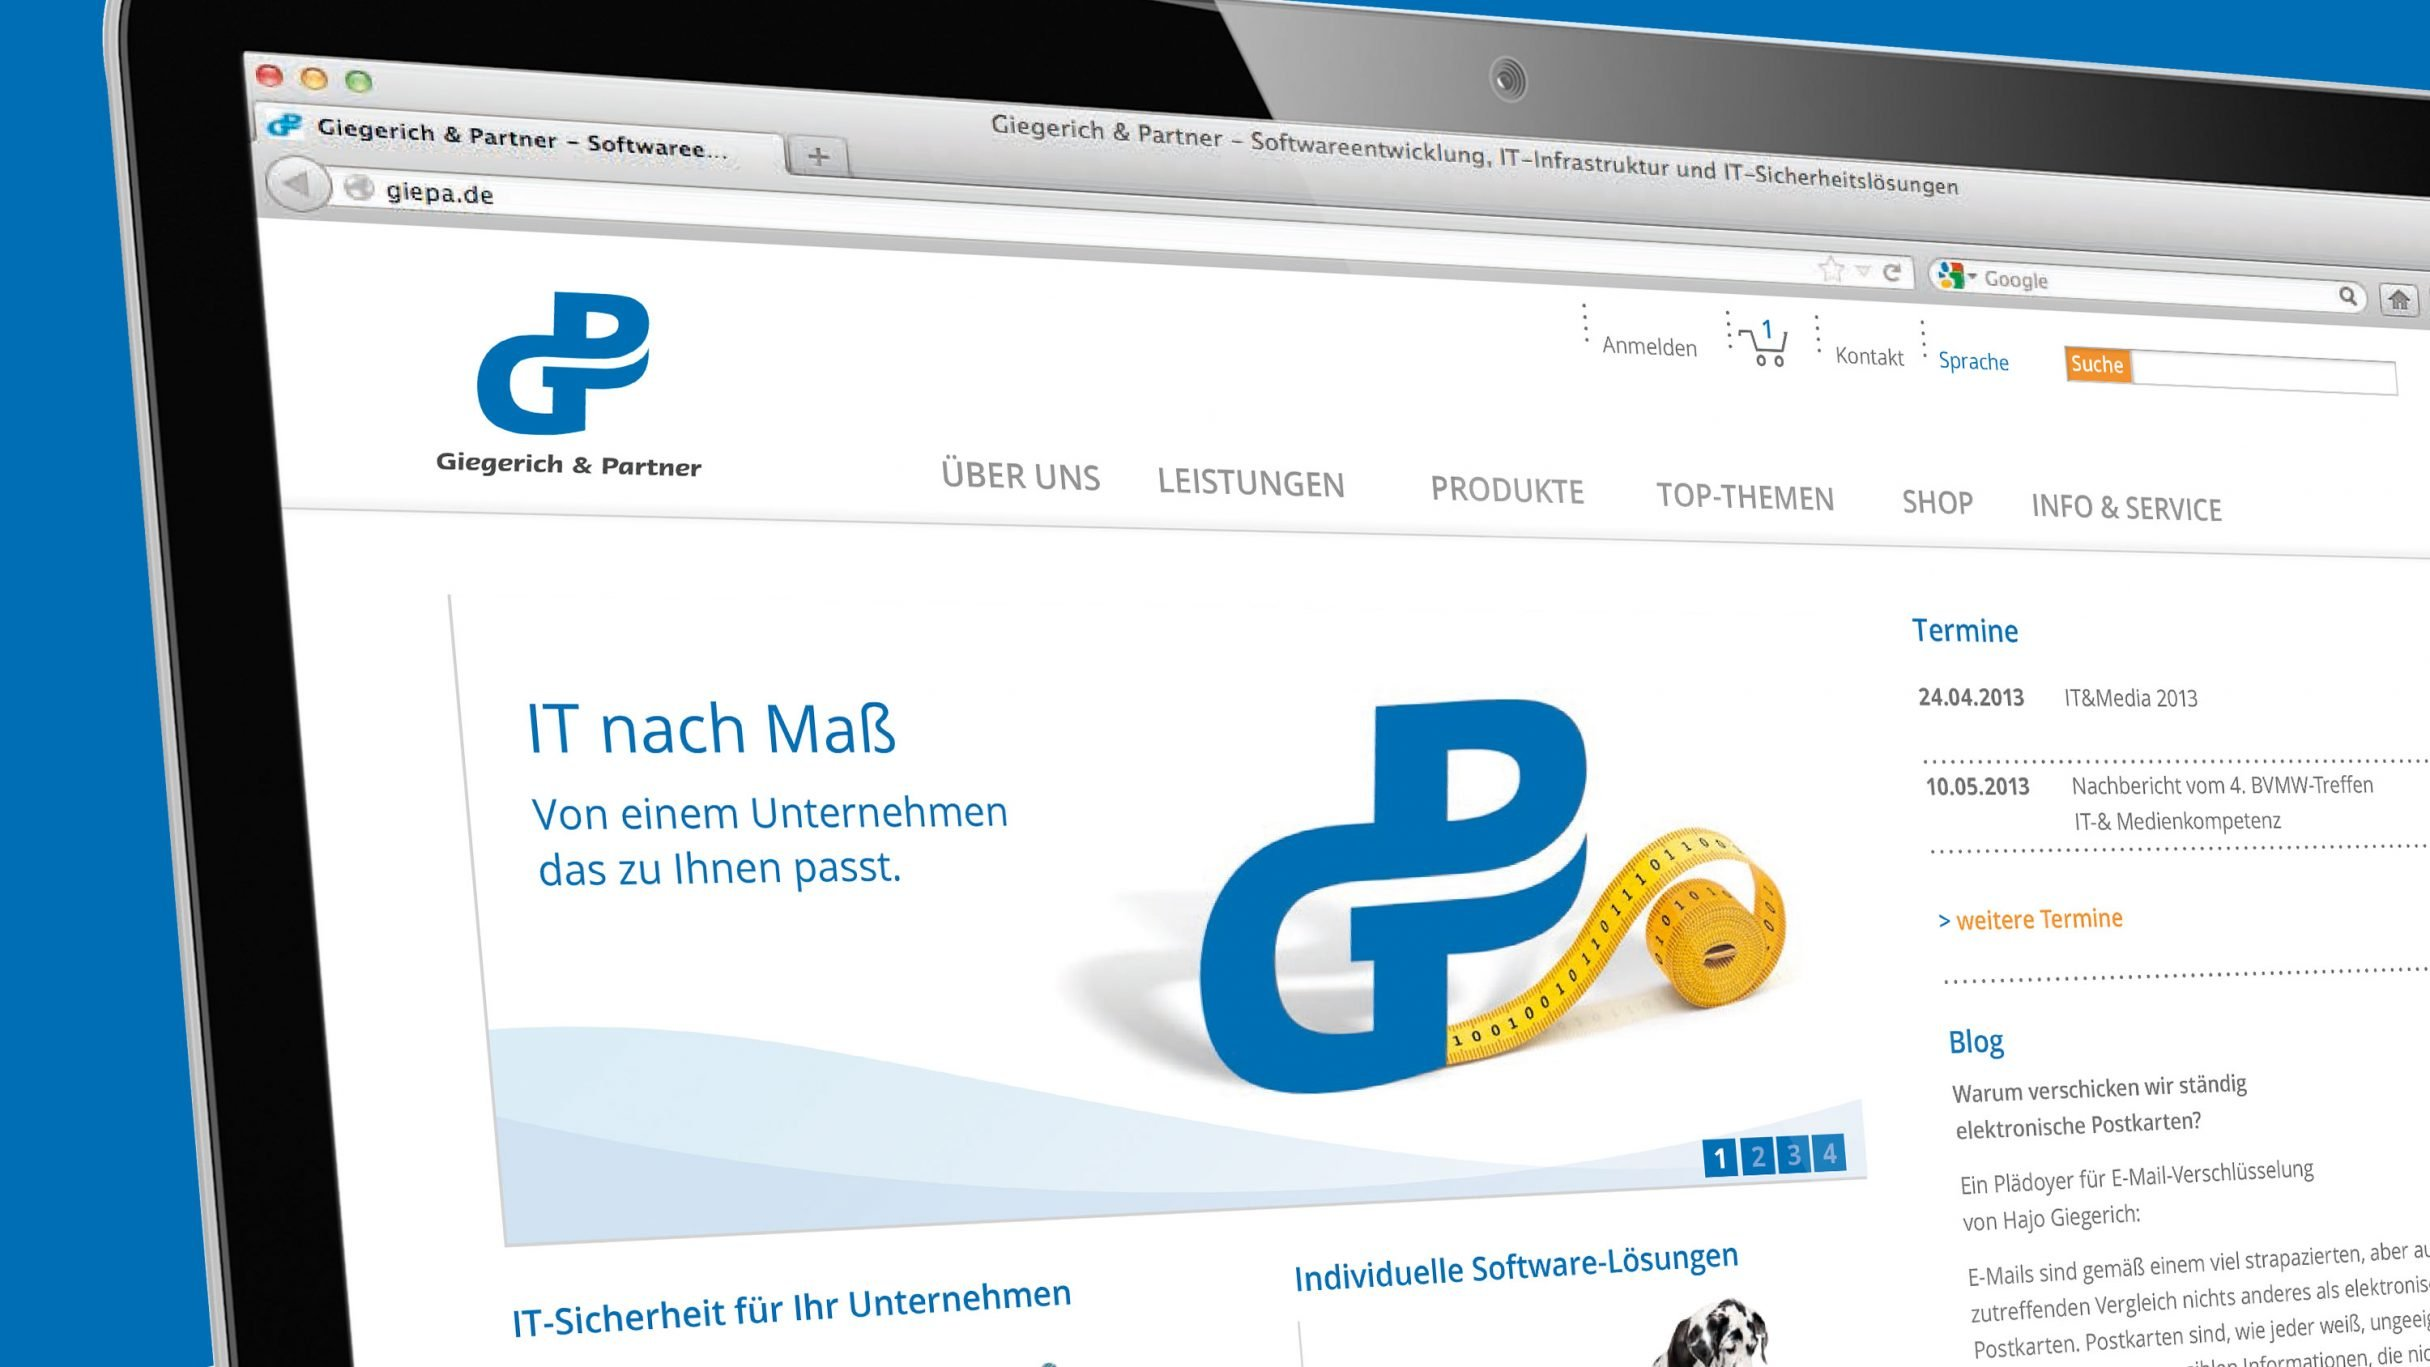 Responsive Webdesign, Webshop für Giegerich und Partner: DIE NEUDENKER® Agentur, Darmstadt